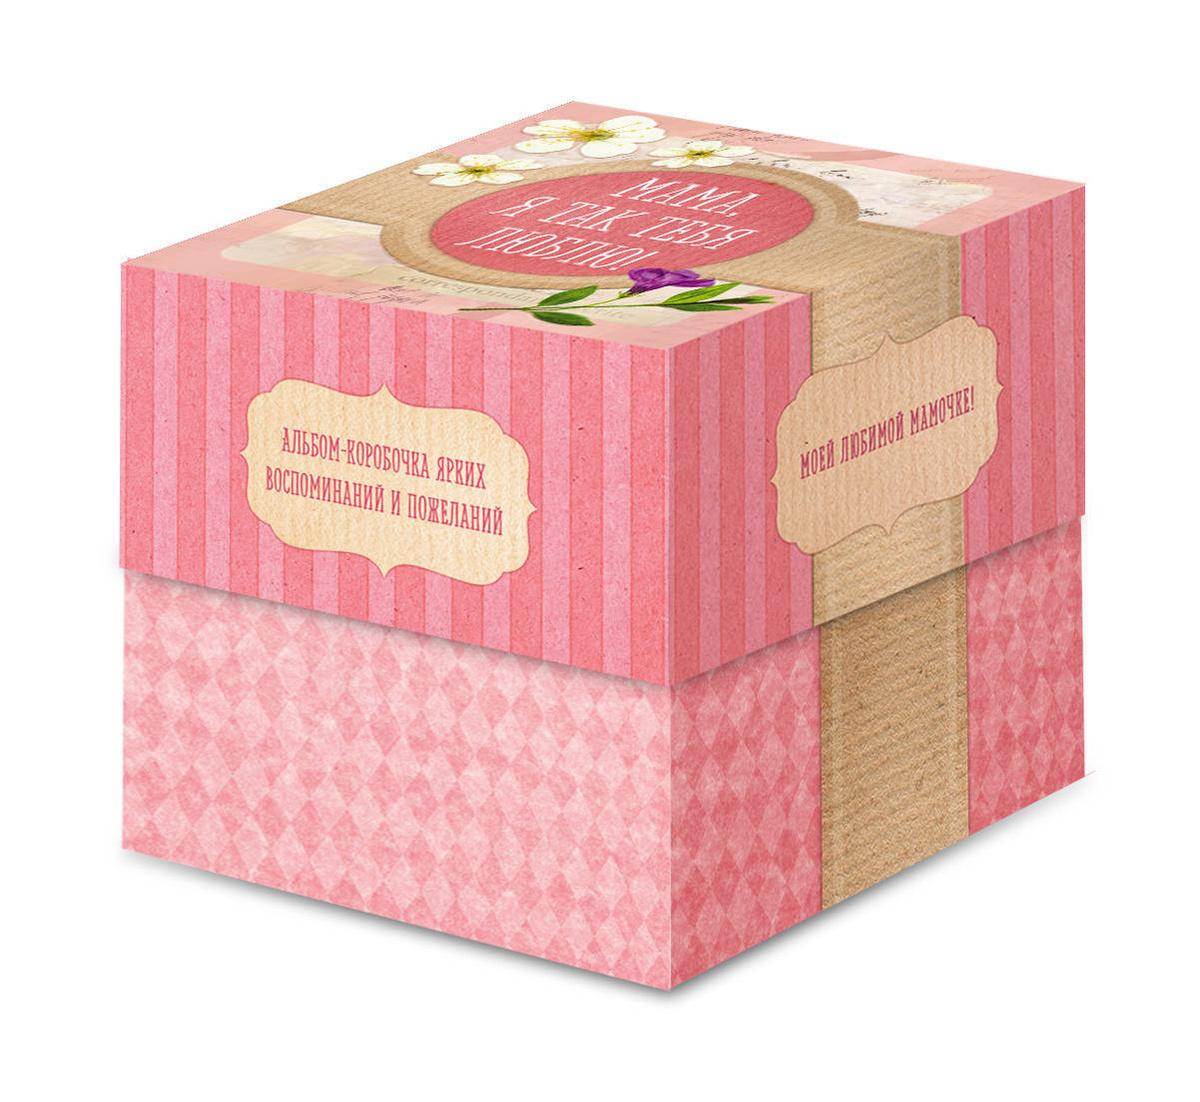 Мама, я так тебя люблю! Альбом-коробочка ярких воспоминаний и пожеланий   Нет автора  #1